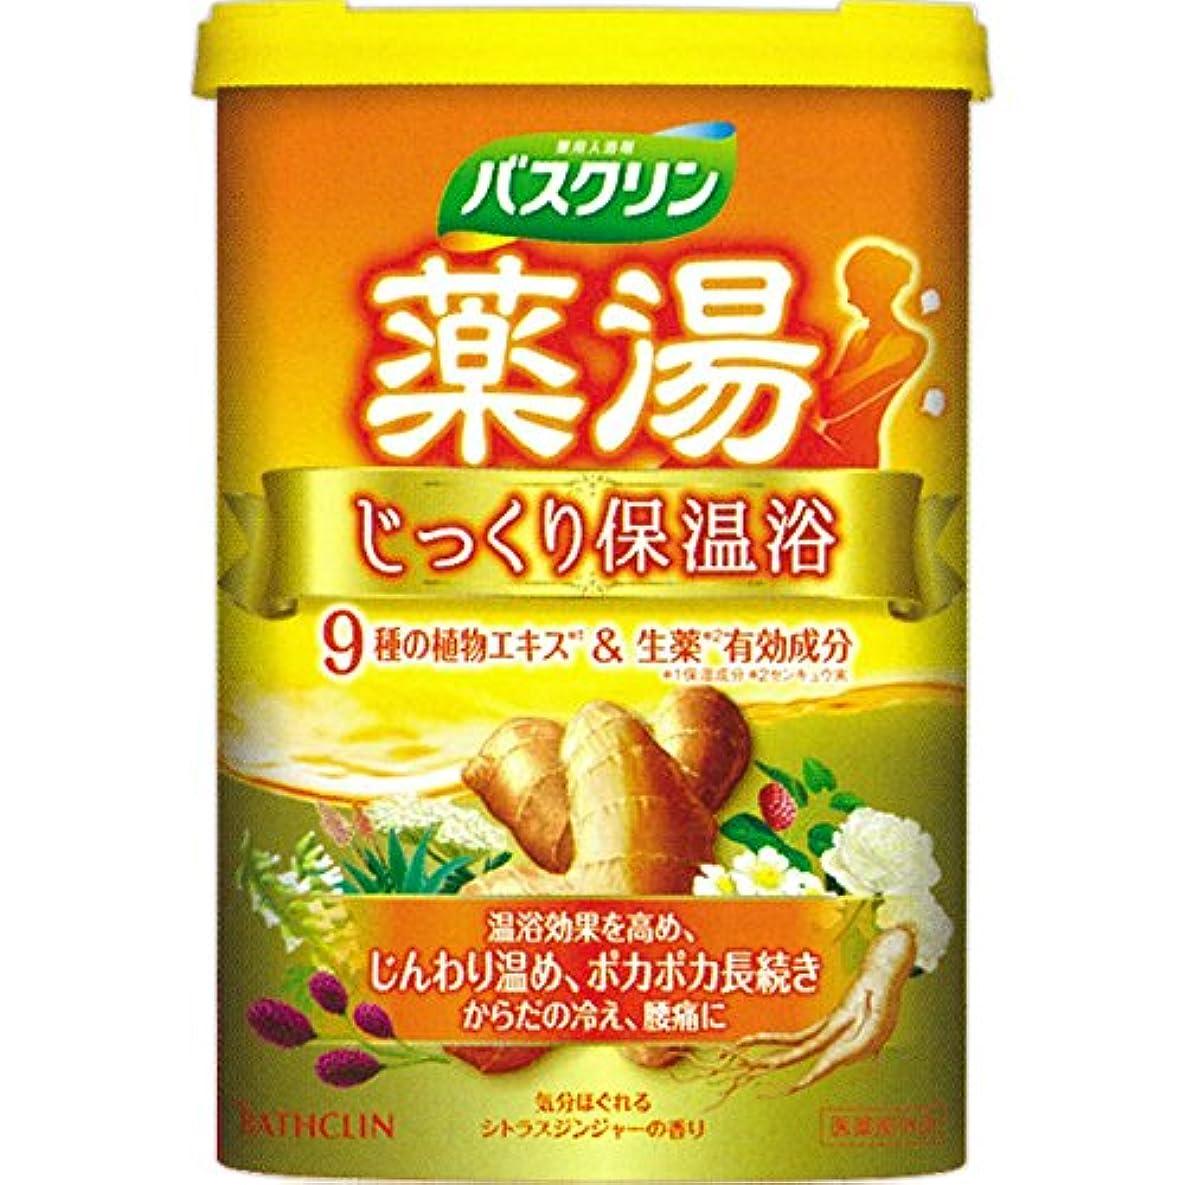 中国無駄ホールドオール薬湯バスクリン じっくり保温浴 フローラルジンジャーの香り 600g(入浴剤)